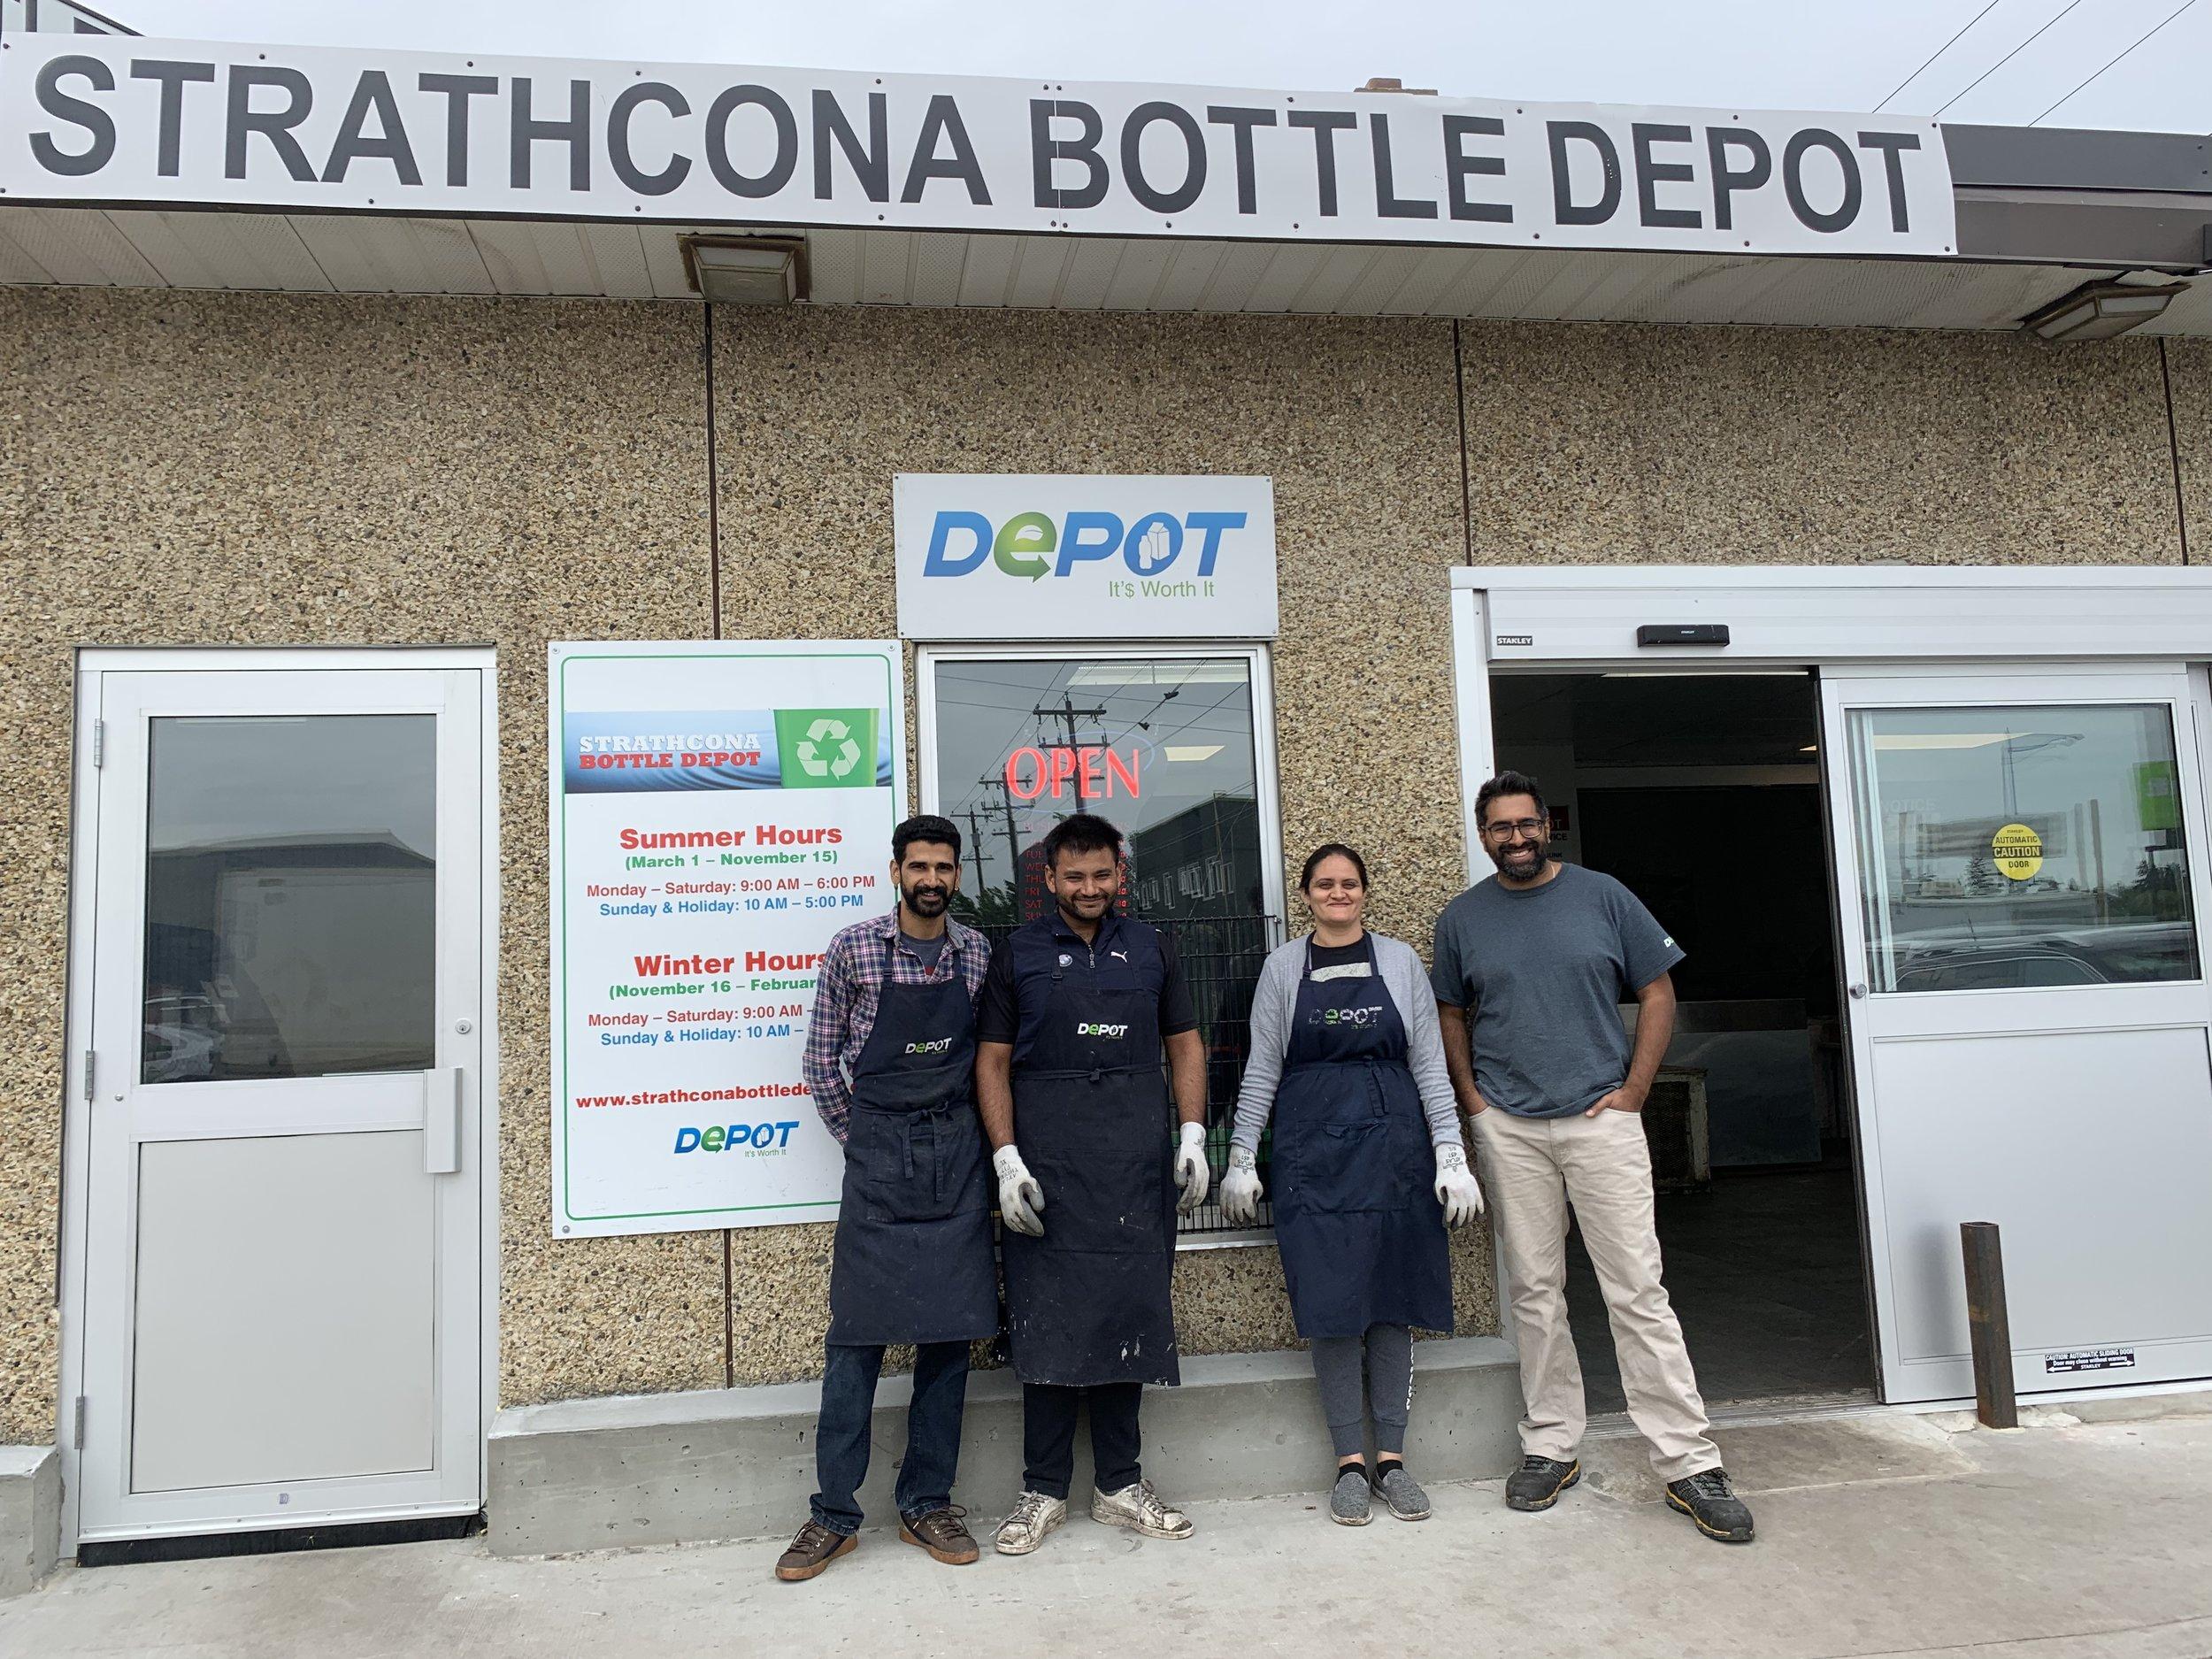 Strathcona Bottle Depot (Edmonton)